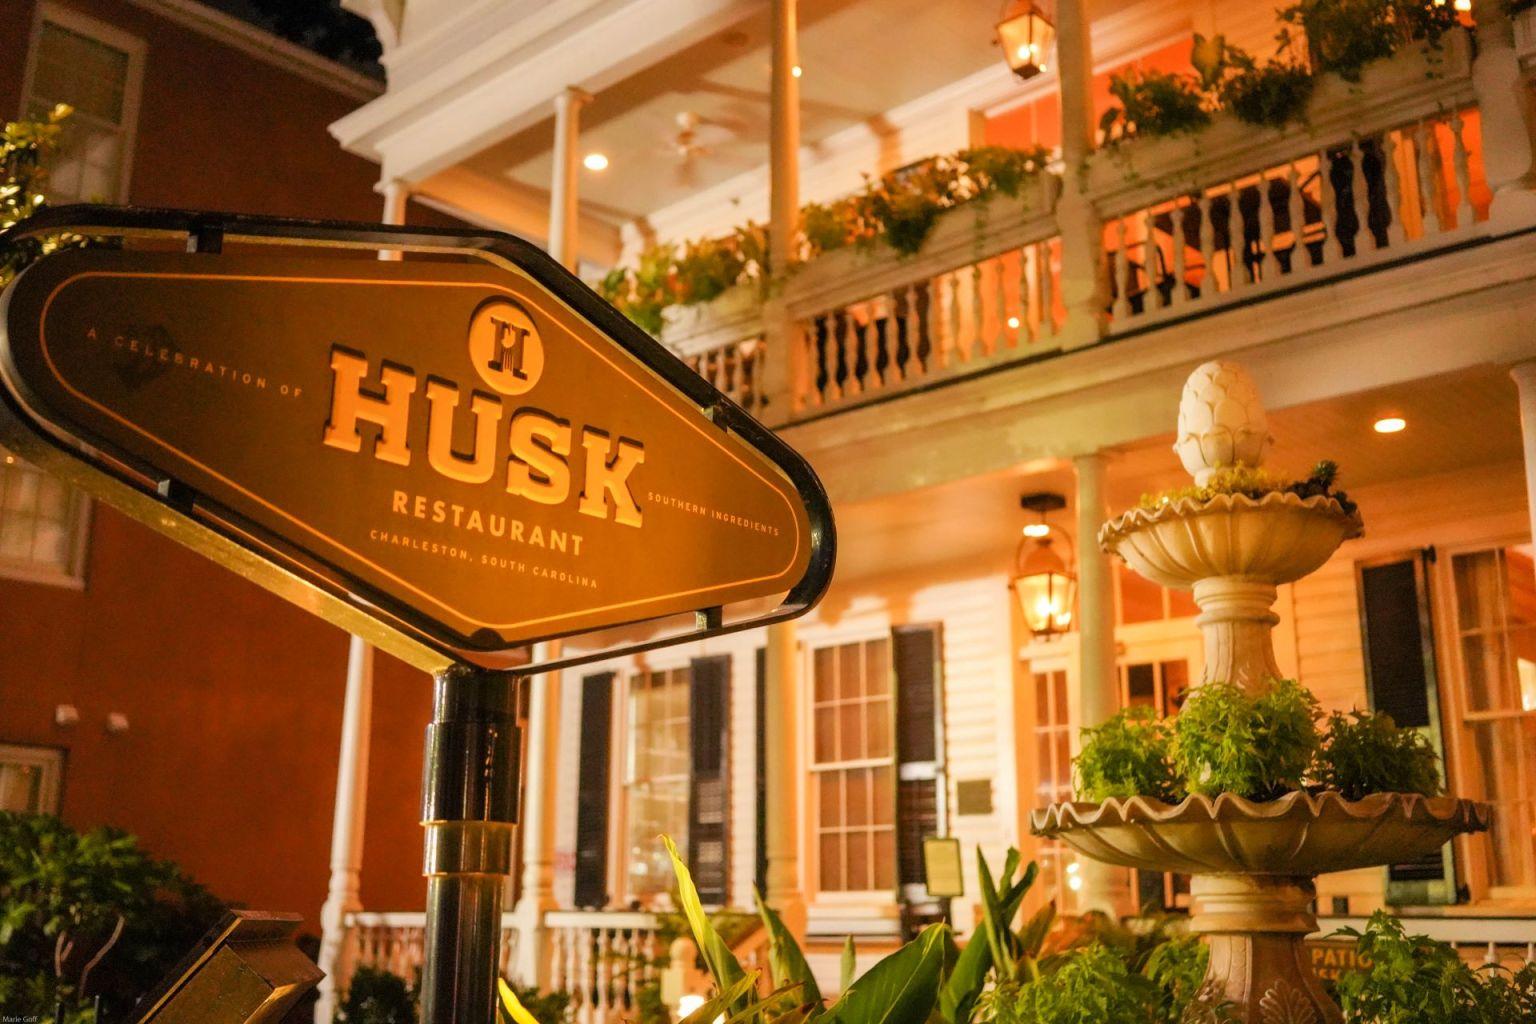 Husk Restaurant Charleston, SC